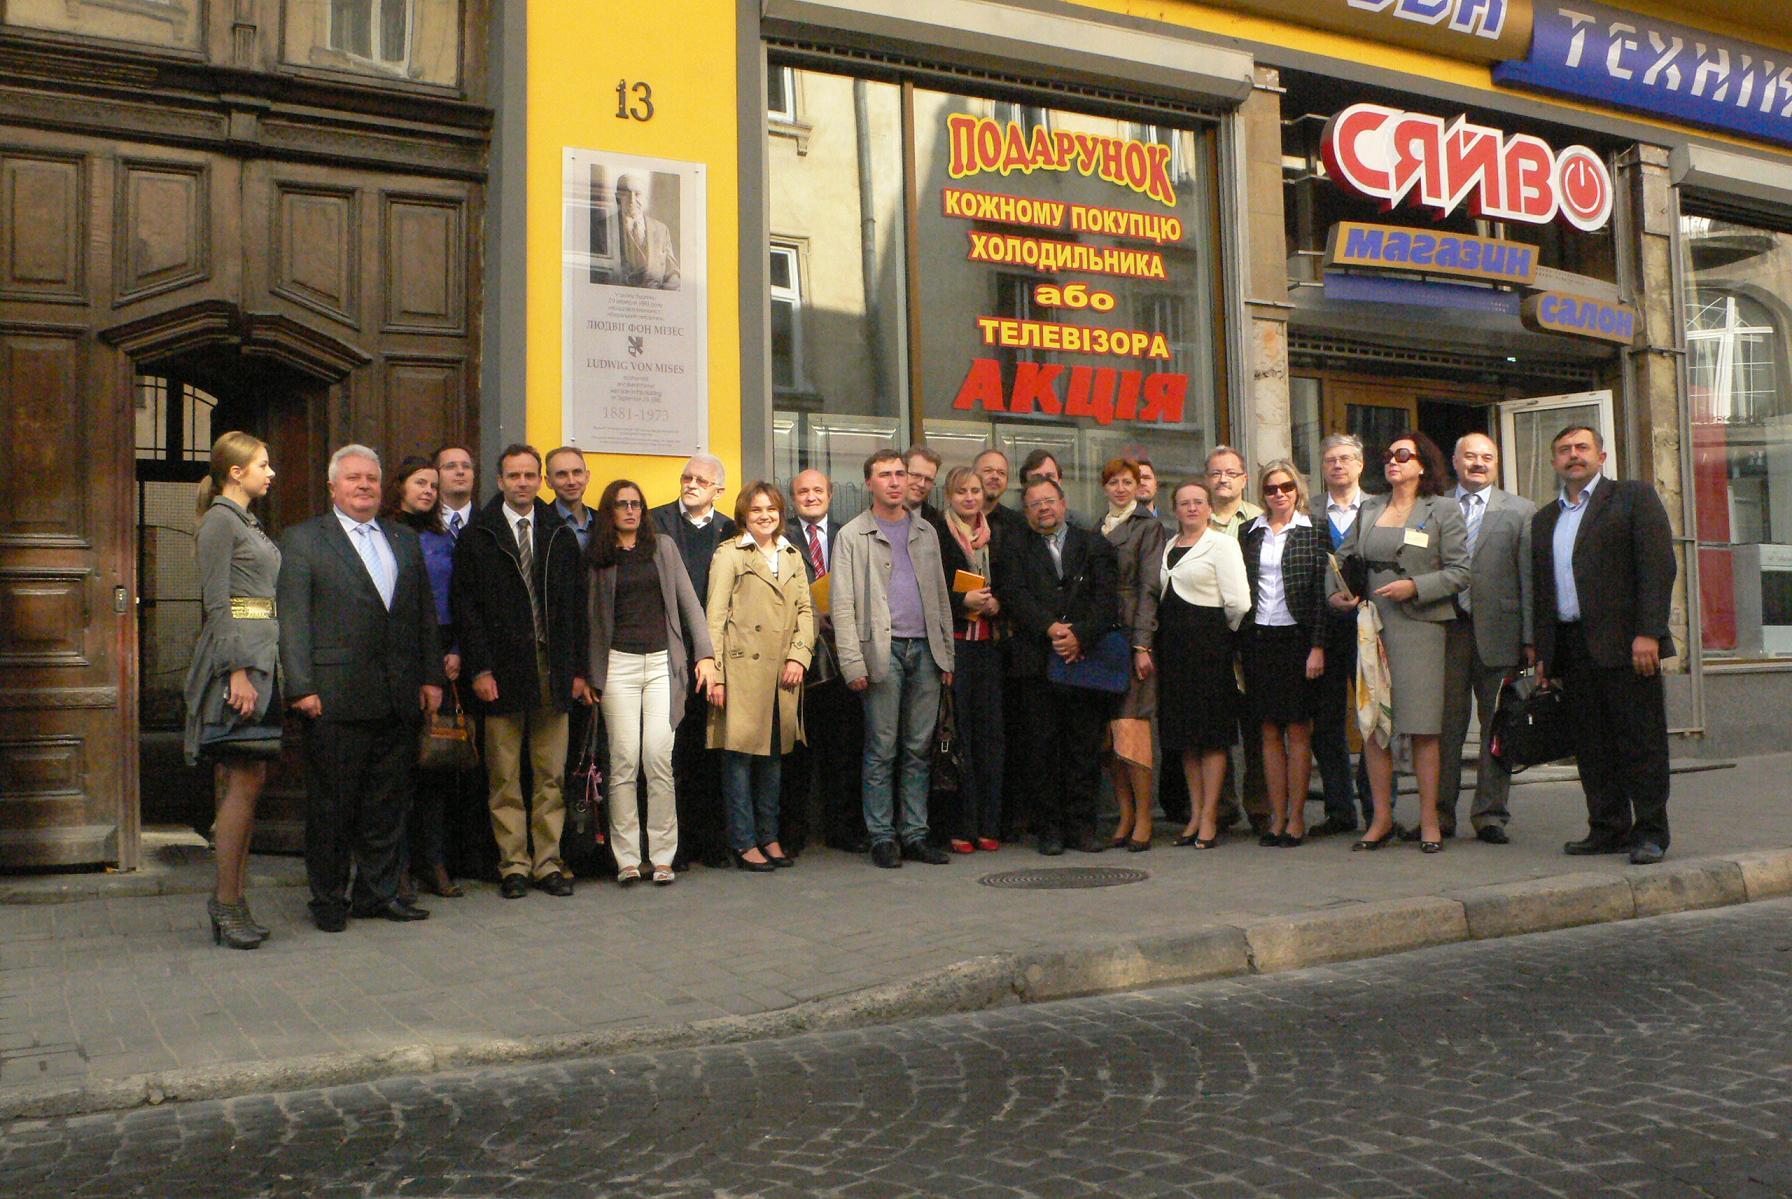 Ludwig Von Mises Plaque Lviv Ukraine